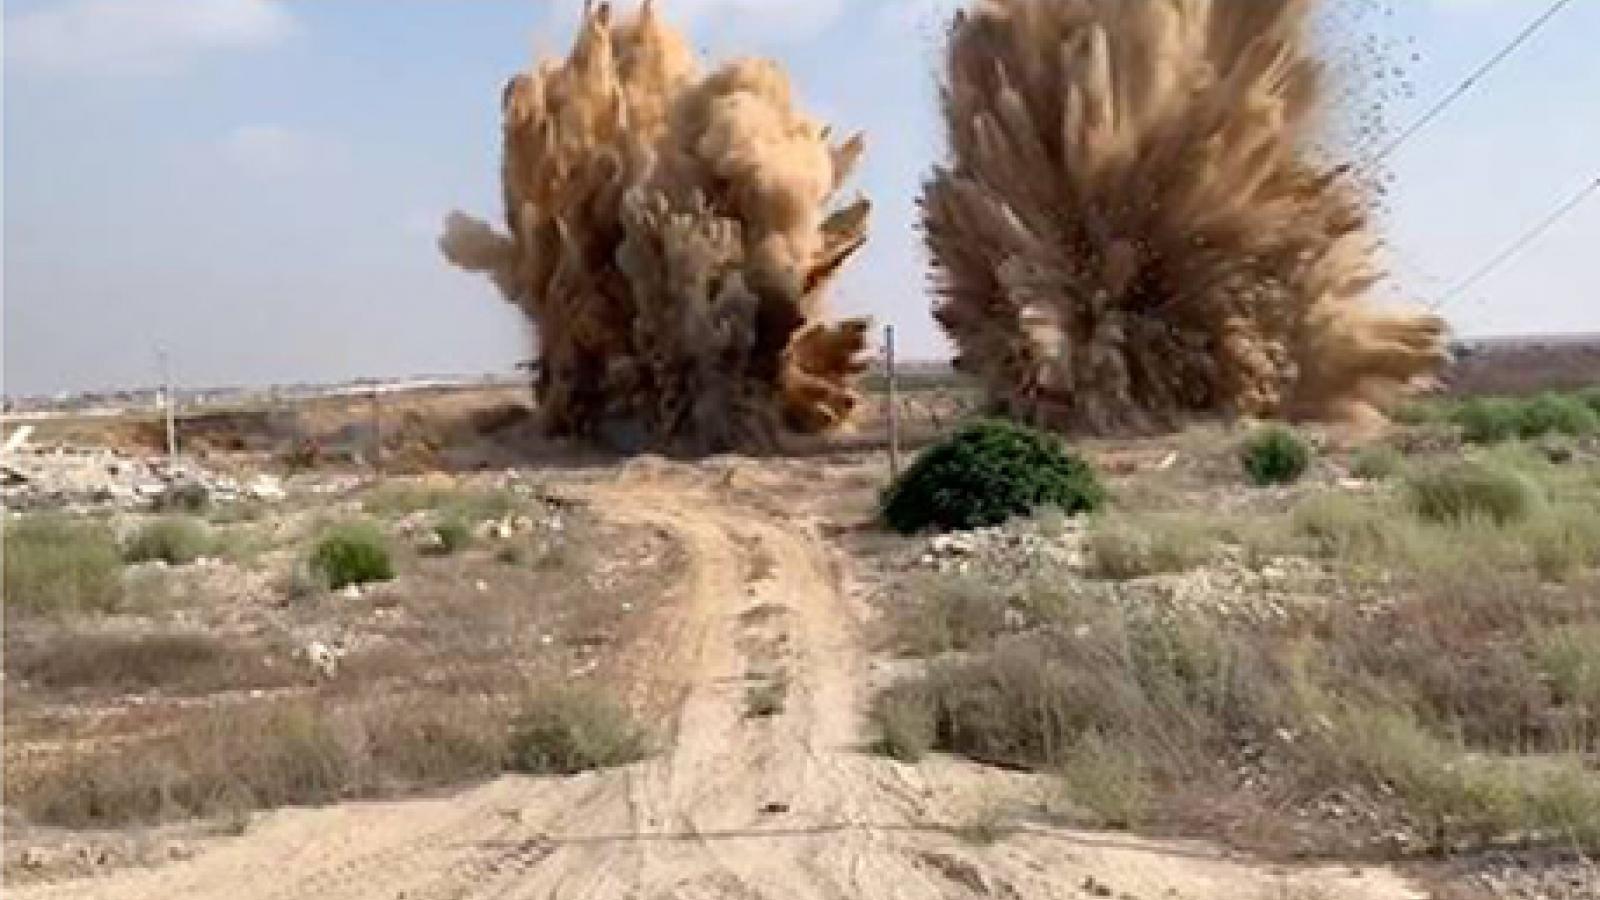 Ai Cập tiêu diệt hàng chục phần tử khủng bố trong 3 tháng qua